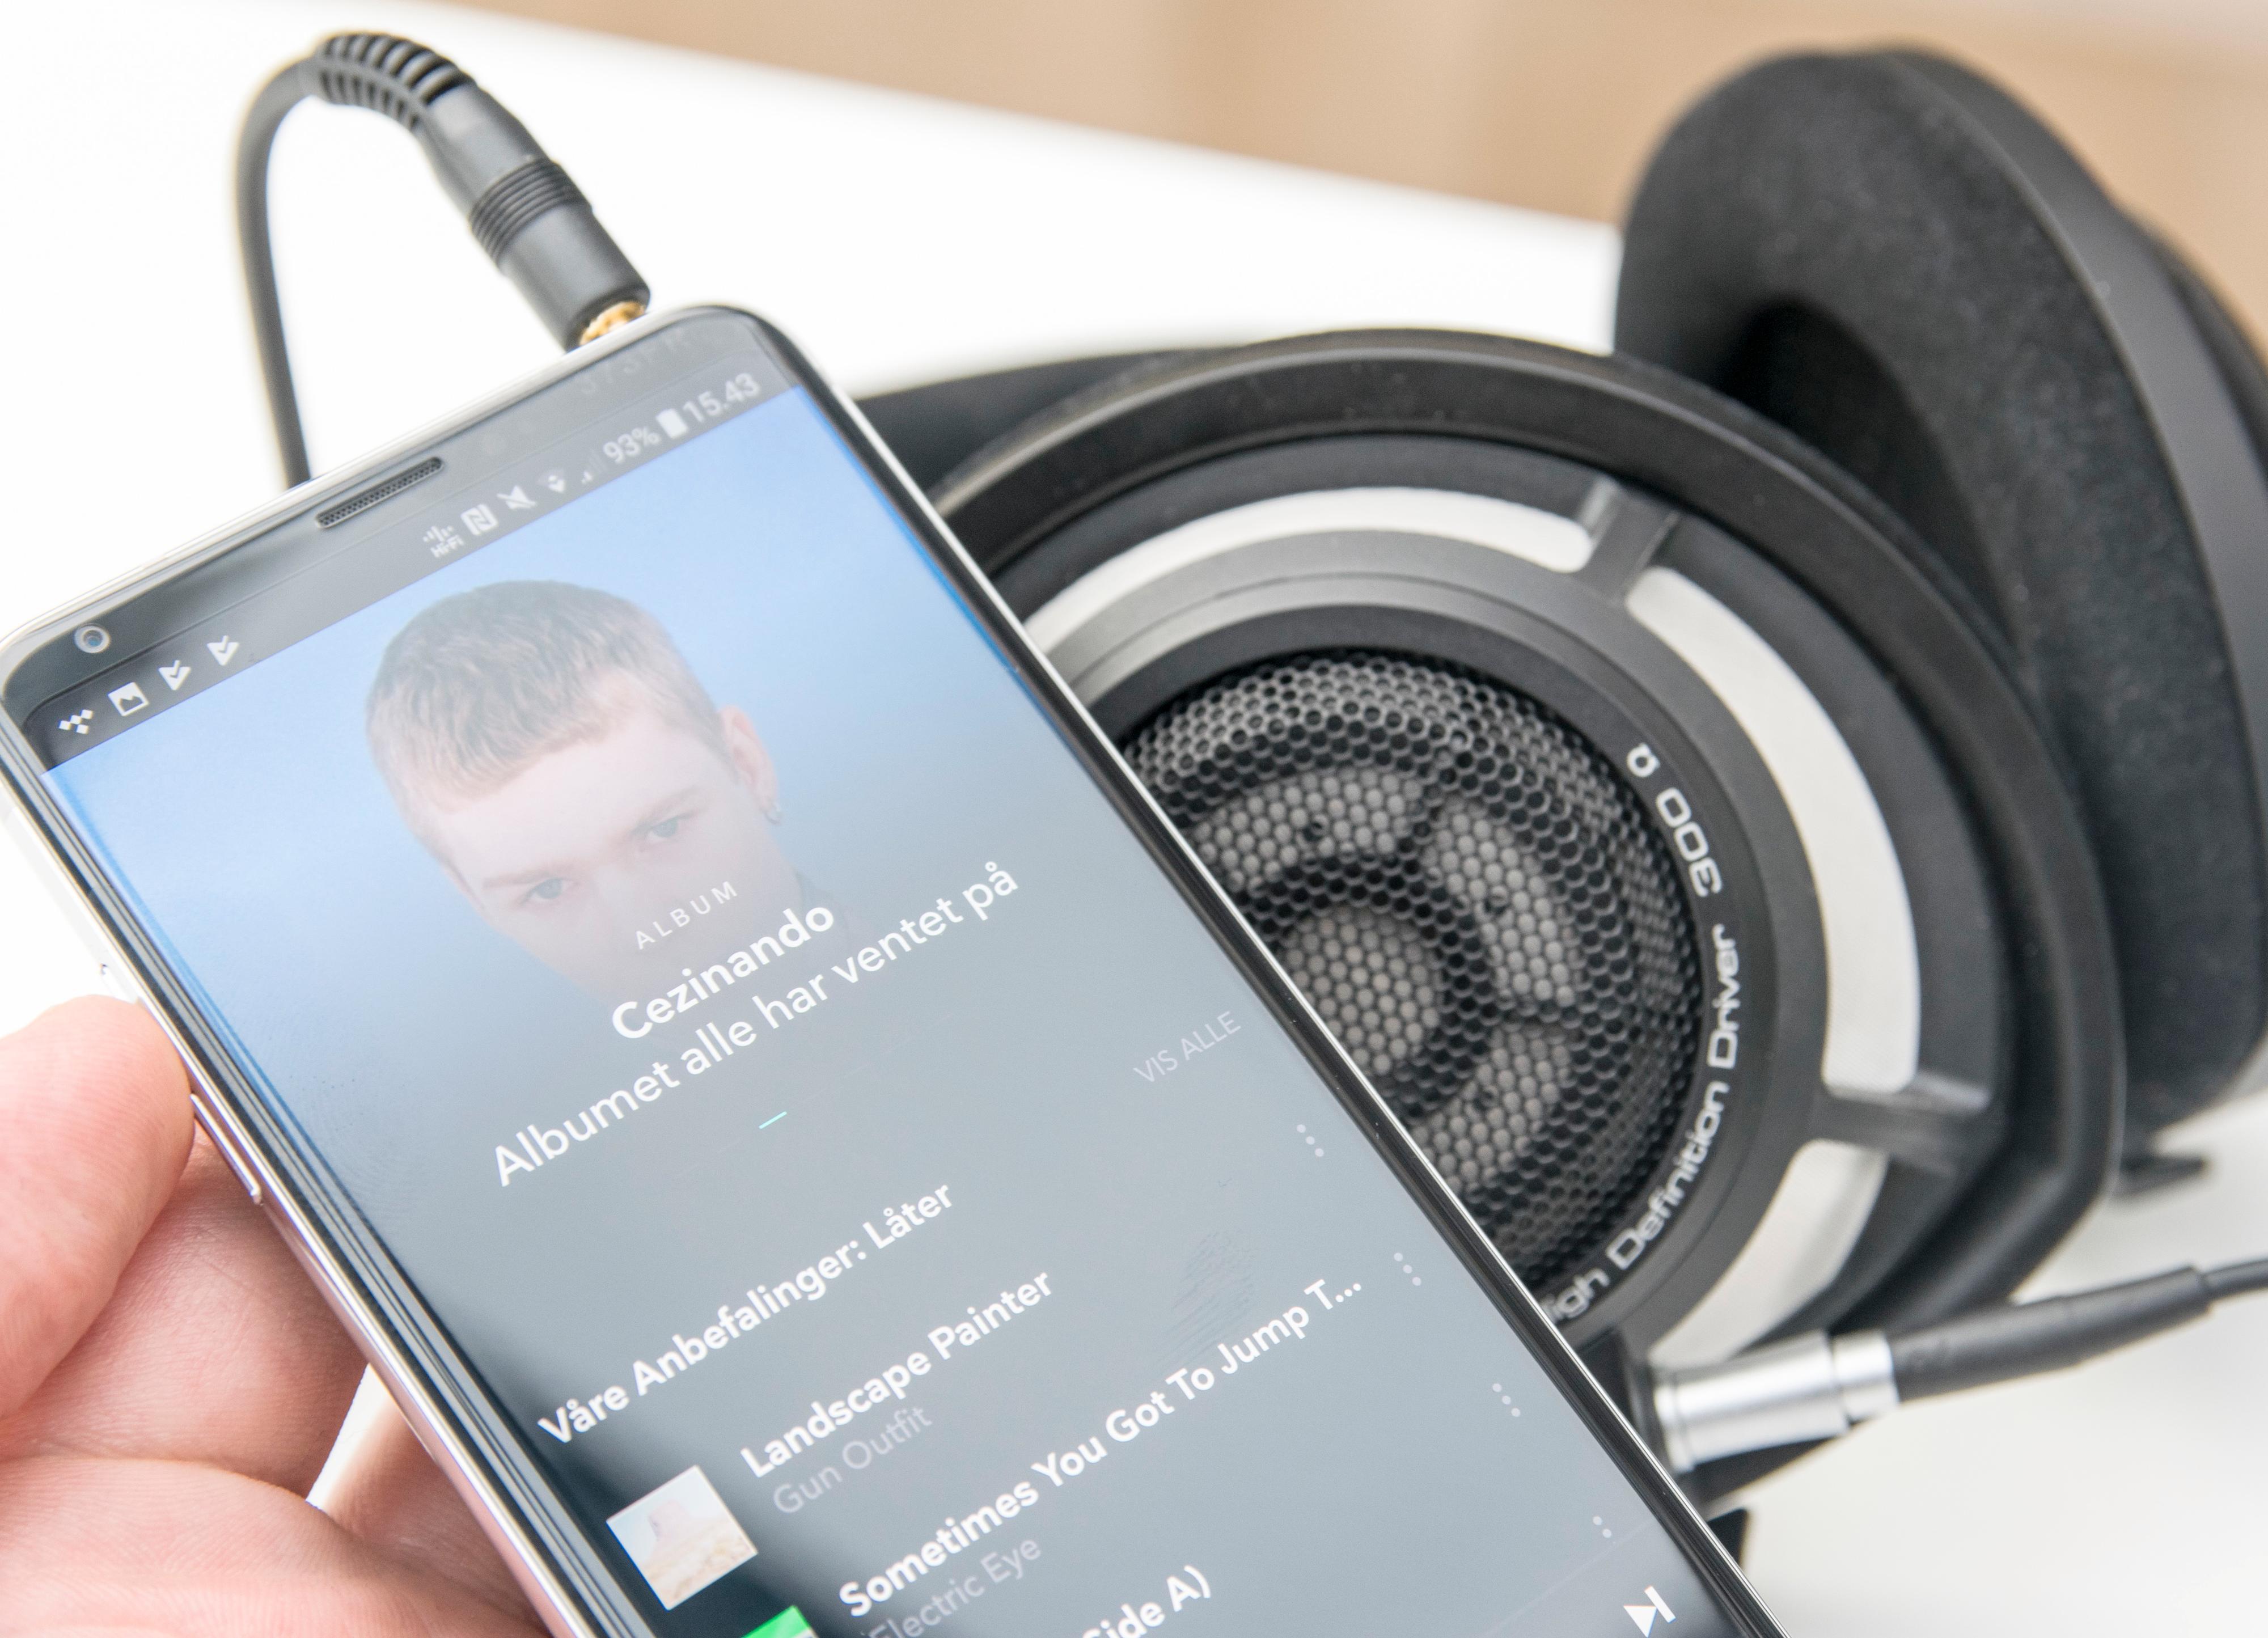 Selv om propper kanskje er det mest aktuelle for V30, har ikke telefonen noe imot å drive Sennheisers HD800S - et relativt tungdrevet sett hodetelefoner. Det er flerfoldige divisjoner mellom lyden på V30 og Samsungs Galaxy-toppmodeller om man kobler på såpass krevende utstyr som dette.